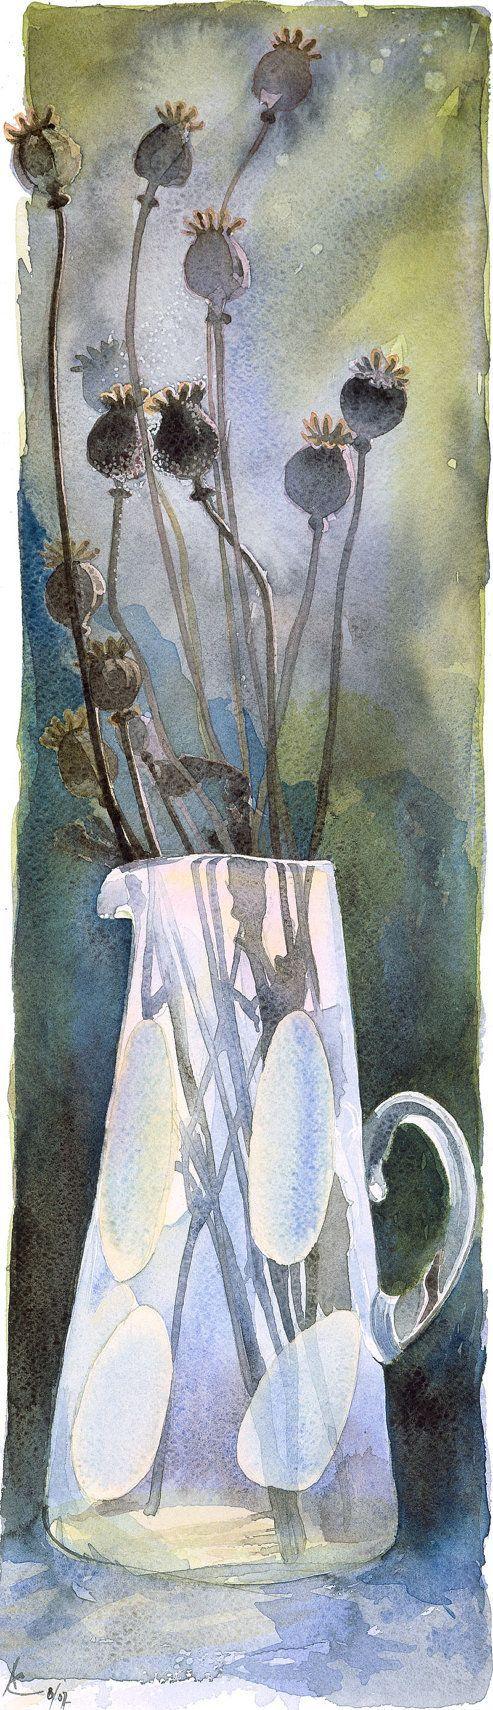 Watercolour.: